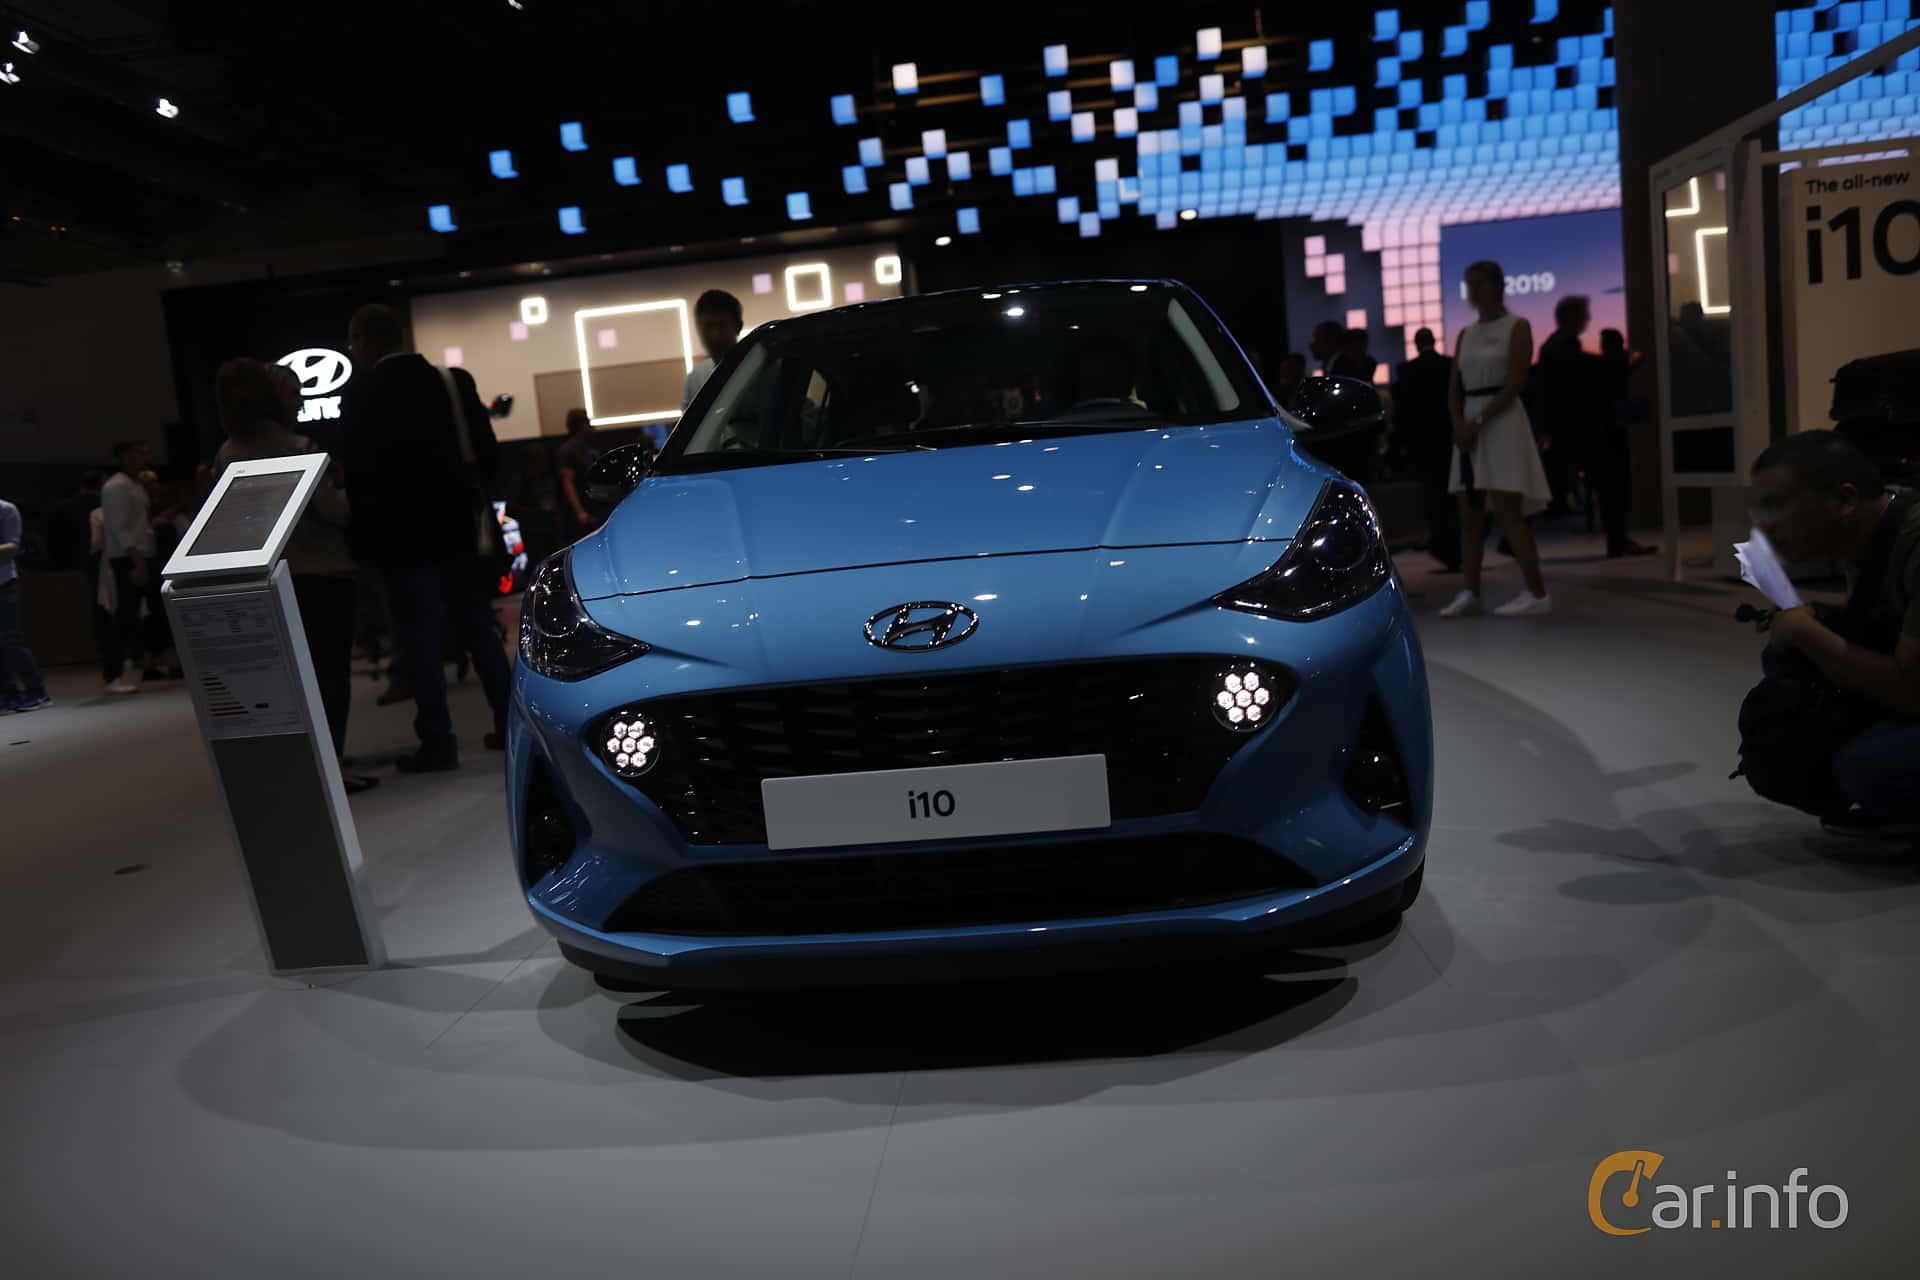 Front  of Hyundai i10 1.2 AMT, 84ps, 2020 at IAA 2019